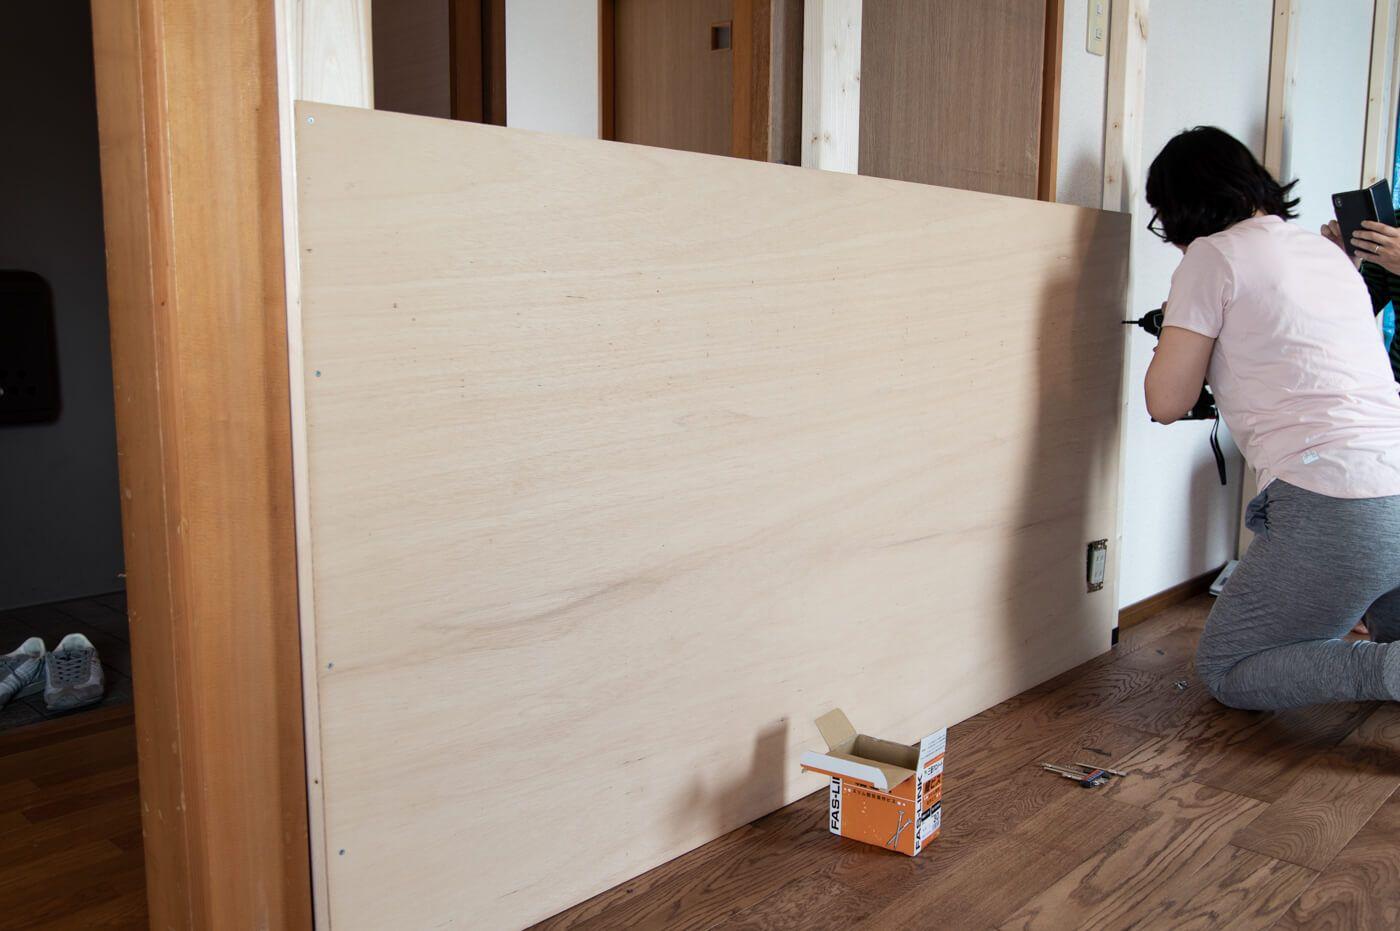 賃貸diy ラブリコ使って壁一面にベニヤ板を貼った後ペンキを塗ってみた 99 Diy Diyブログ 壁 収納 アイデア インテリア 収納